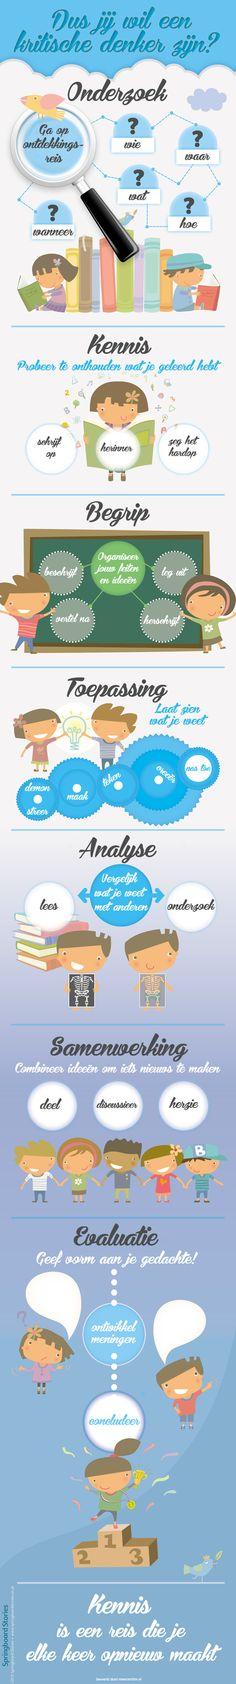 De verschillende stappen om iets te leren